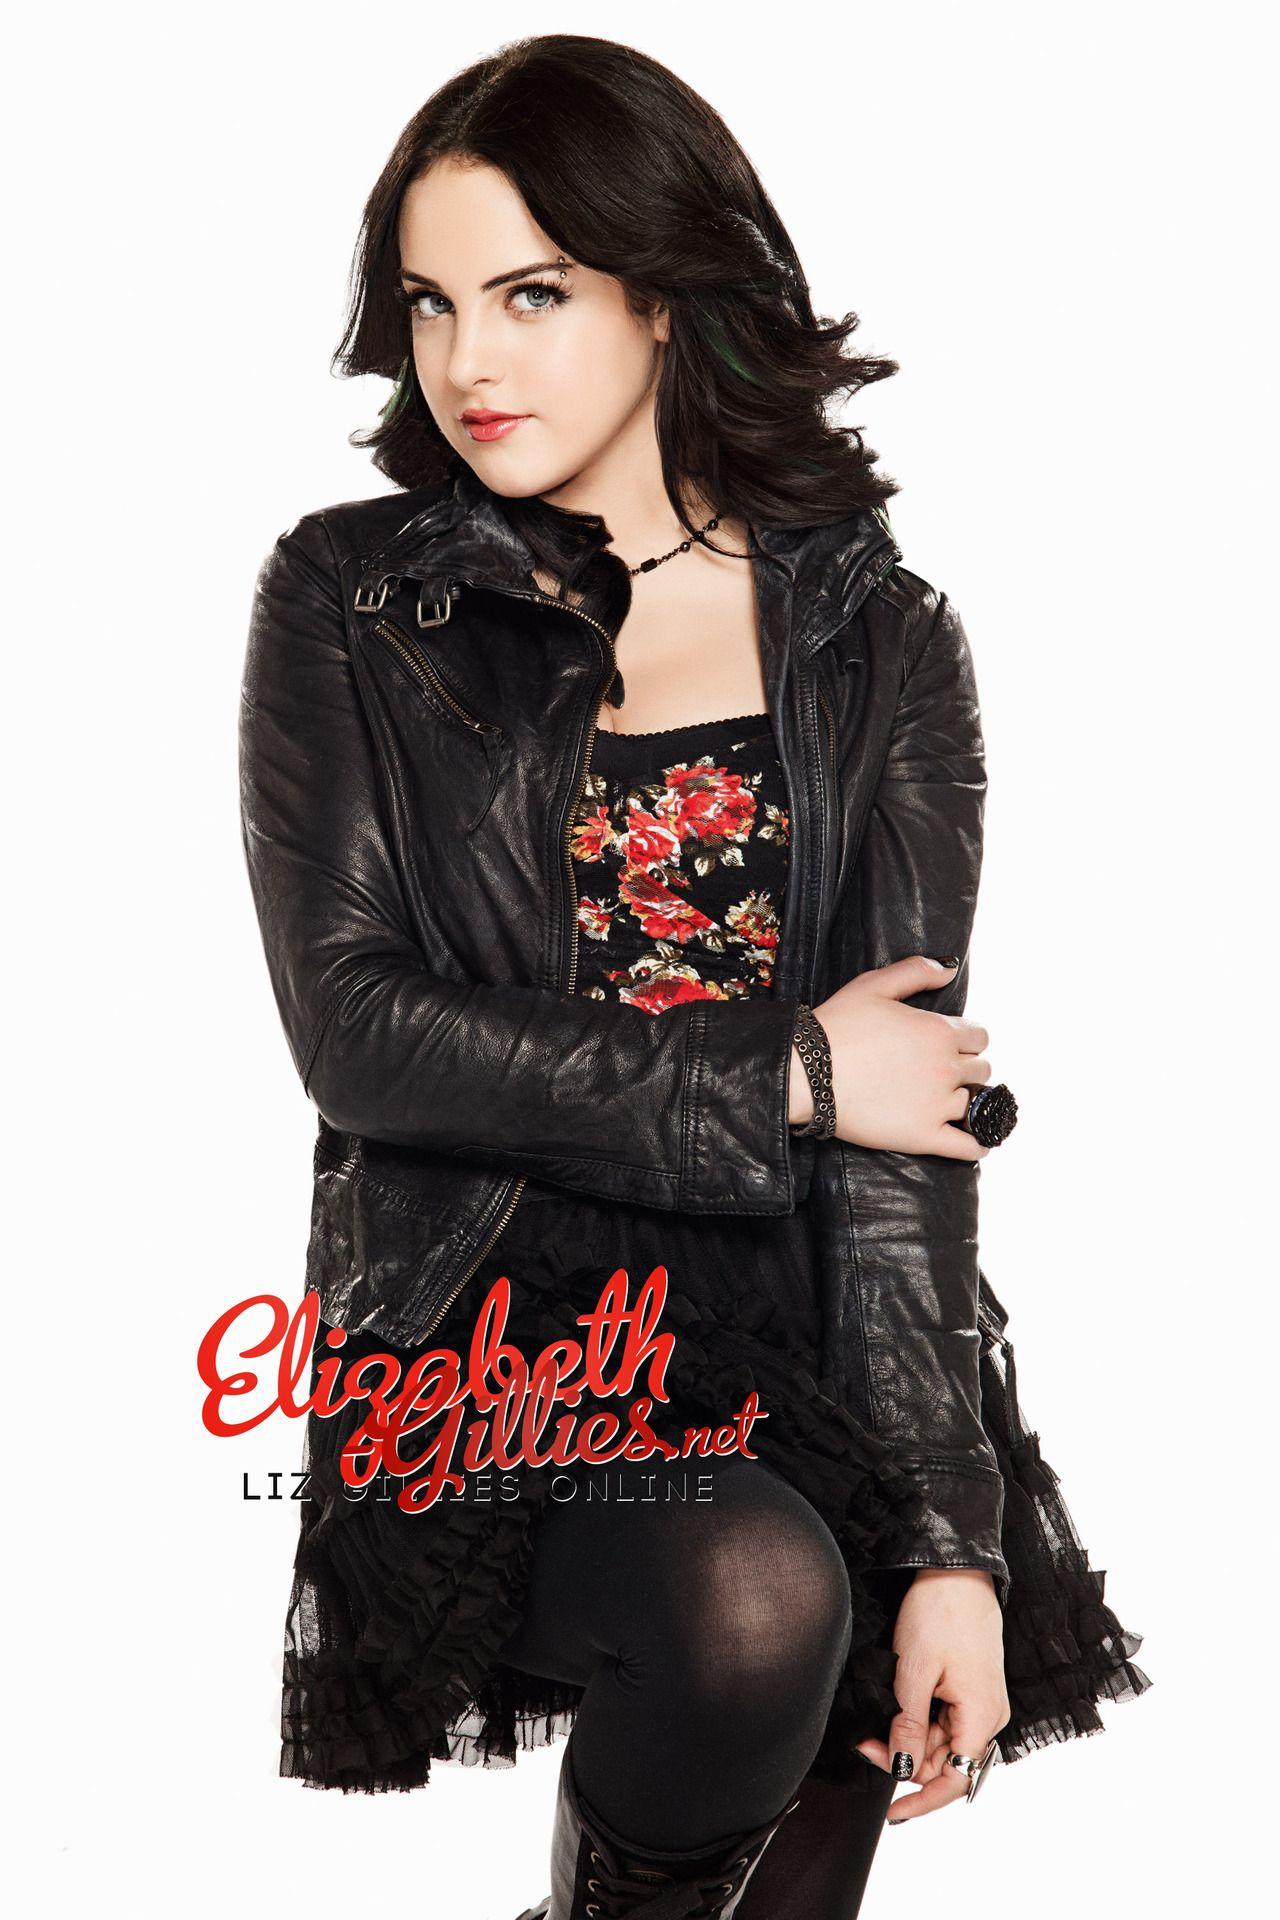 Elizabeth Gillies Victorious Season 3